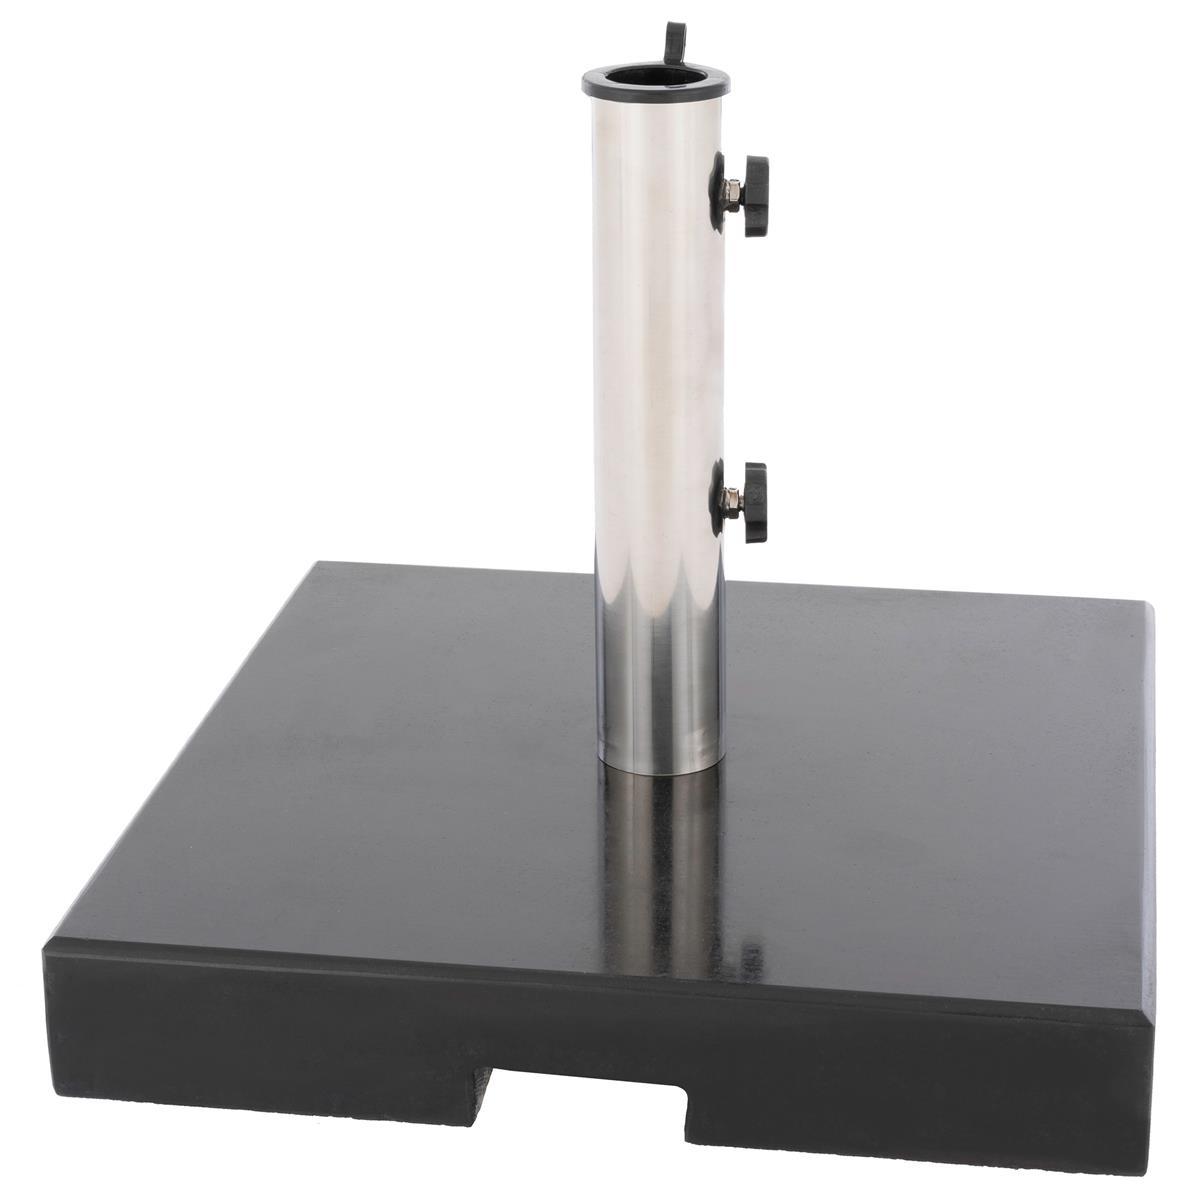 Schirmständer viereckig poliertes Granit mind. 33 kg schwarz gefärbt 43x43x38cm